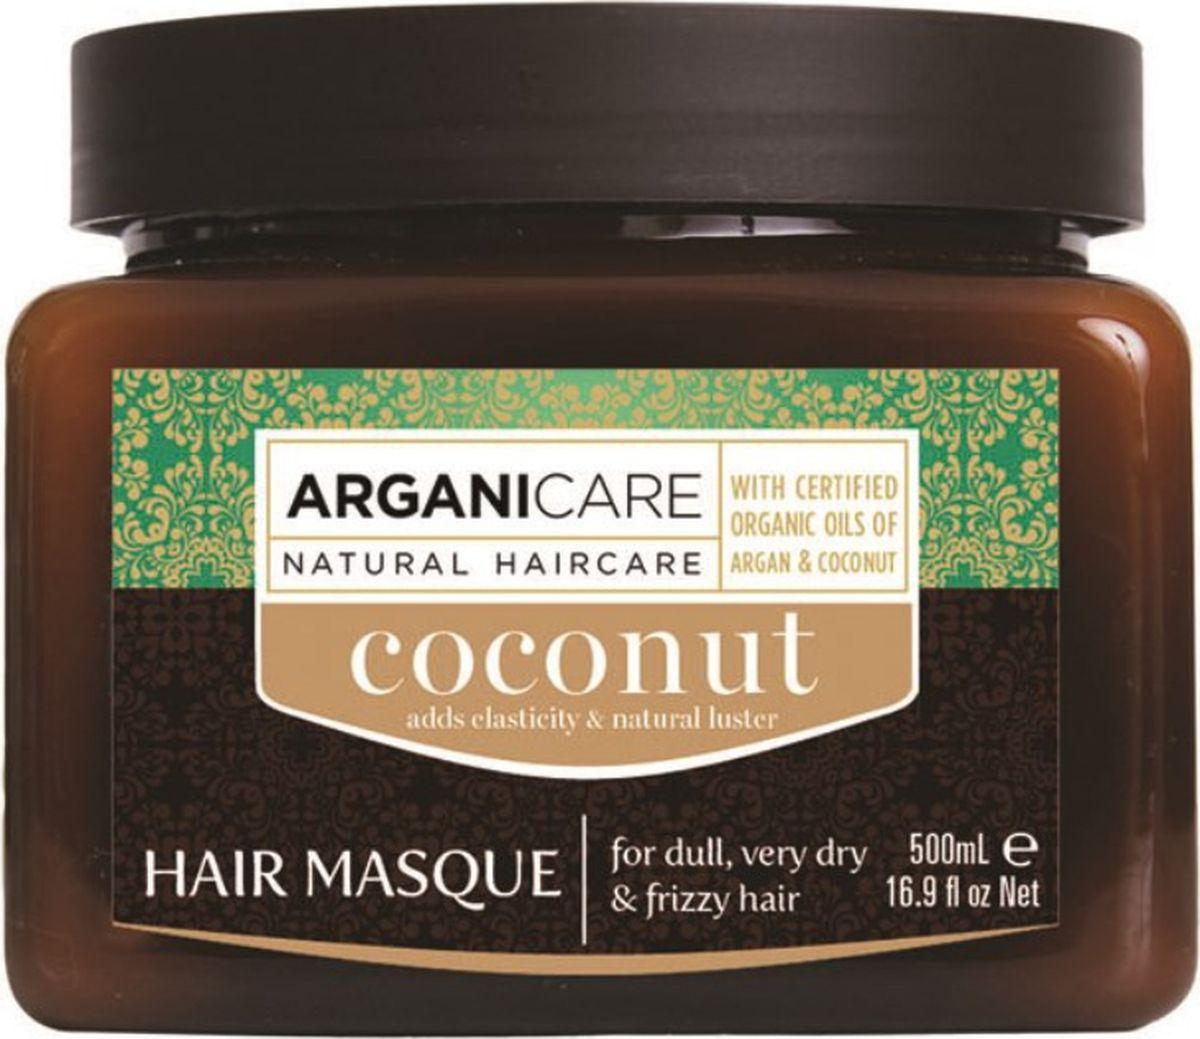 Arganicare Кокосовая маска для тусклых, очень сухих и вьющихся волос Arganicare, 500 млAr1167Для быстрого восстановления обезвоженных и поврежденных волос, которые часто подвергаются химическому или термо- разрушающему воздействию.- жирная питательная маска длительного действия для восстановления волос всех типов, особенно слабых, ломких и сухих;- волосы сразу же обретают блеск и ухоженный вид, легко укладываются и не электризуются;- при регулярном использовании волосы снова полны сияния, эластичности и упругости.